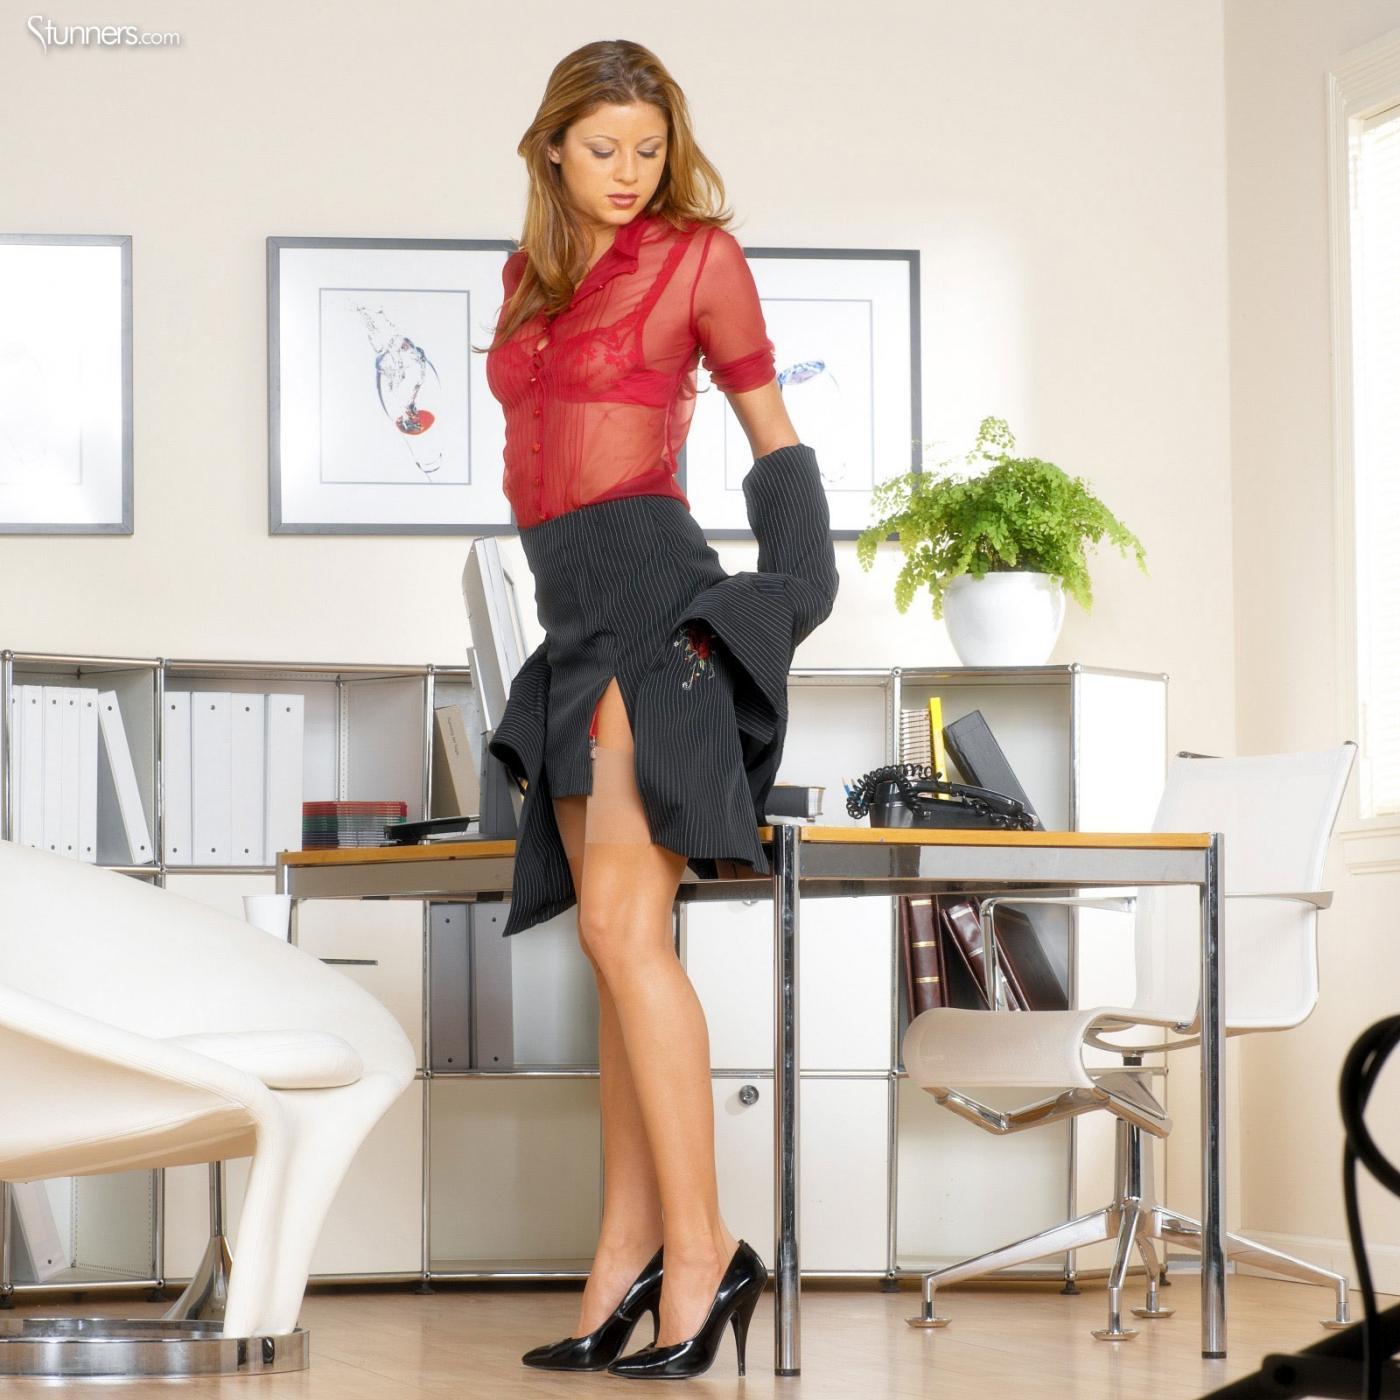 Бизнес-вумен с красивыми ногами и в соблазнительной одежде Monica Sweetheart оголяется до чулочков